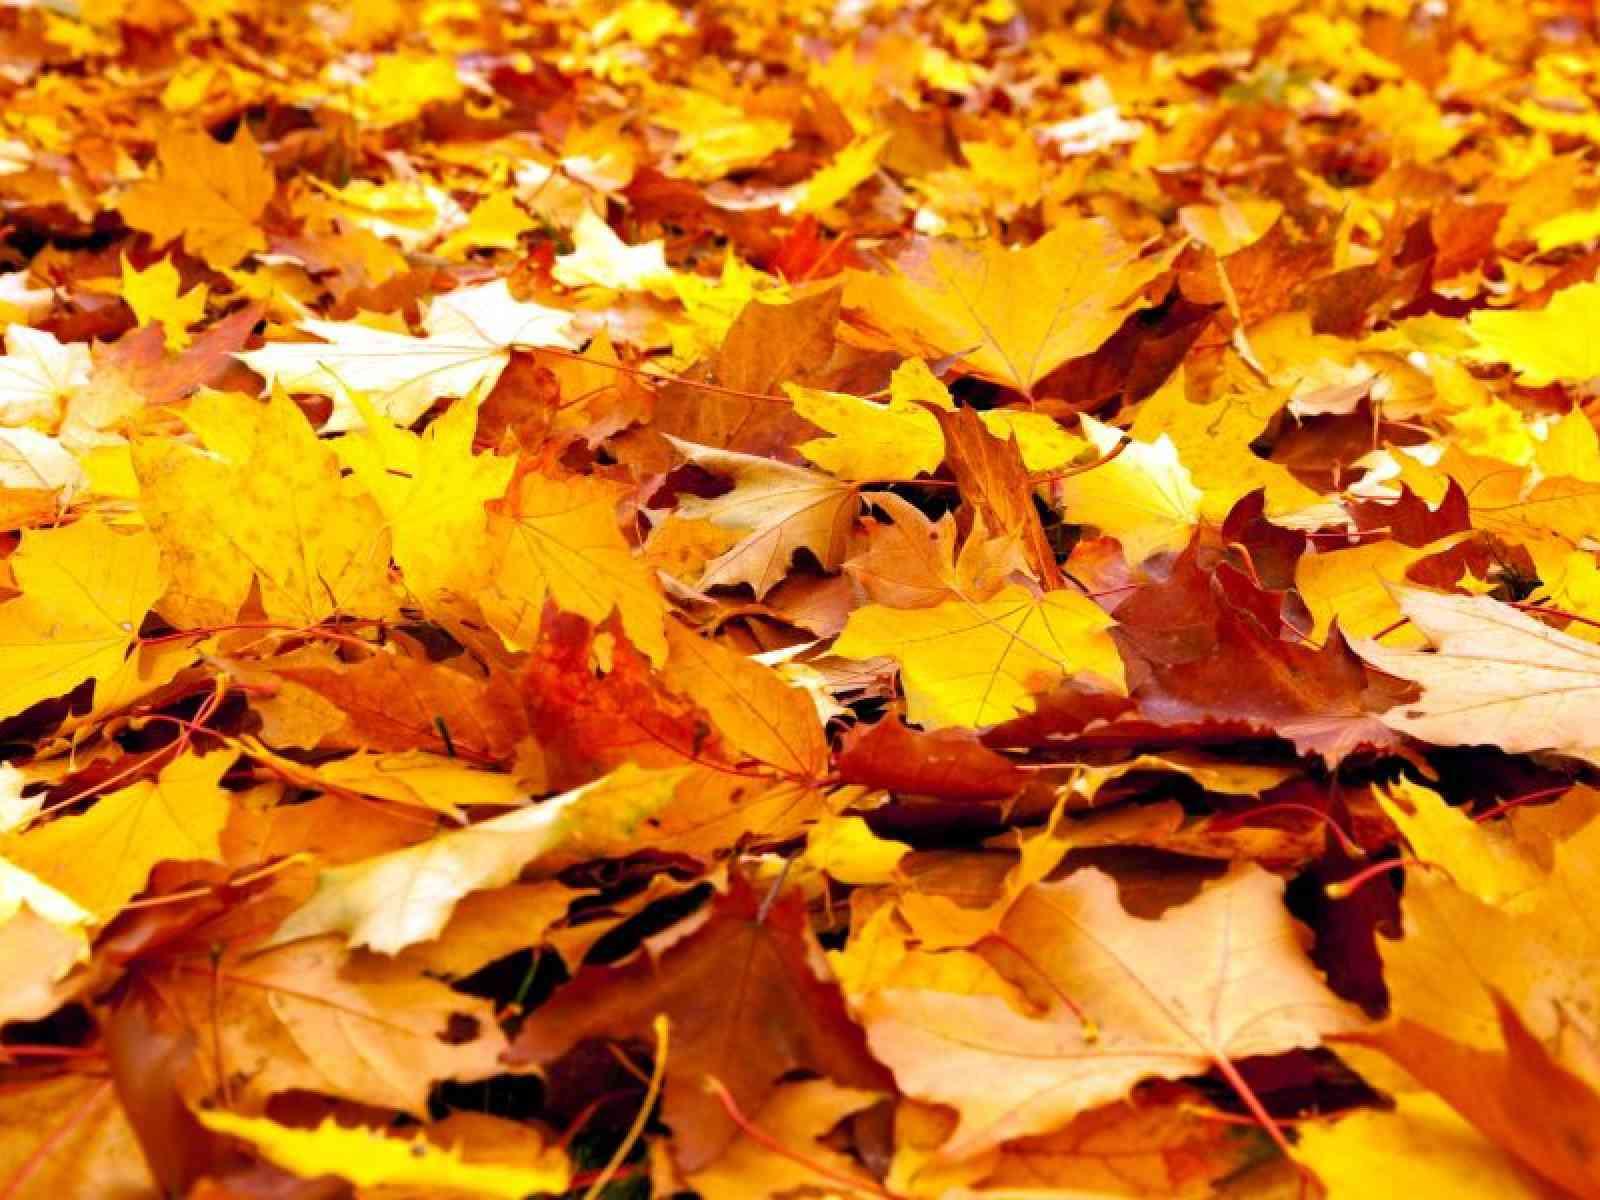 Immagine articolo: Perché in autunno gli alberi lasciano cadere le foglie? Ecco perché